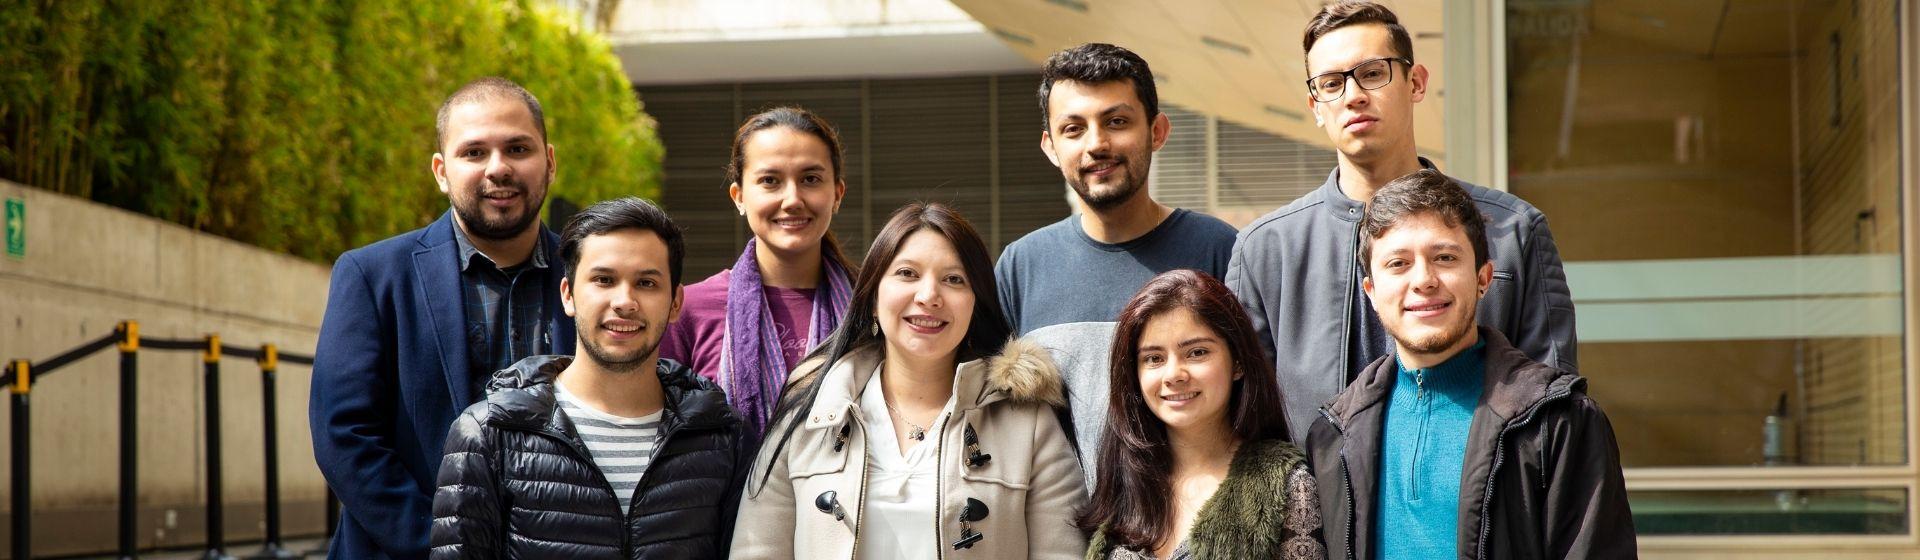 Investigadores del Departamento de Ingeniería Química y de Alimentos de la Universidad de los Andes